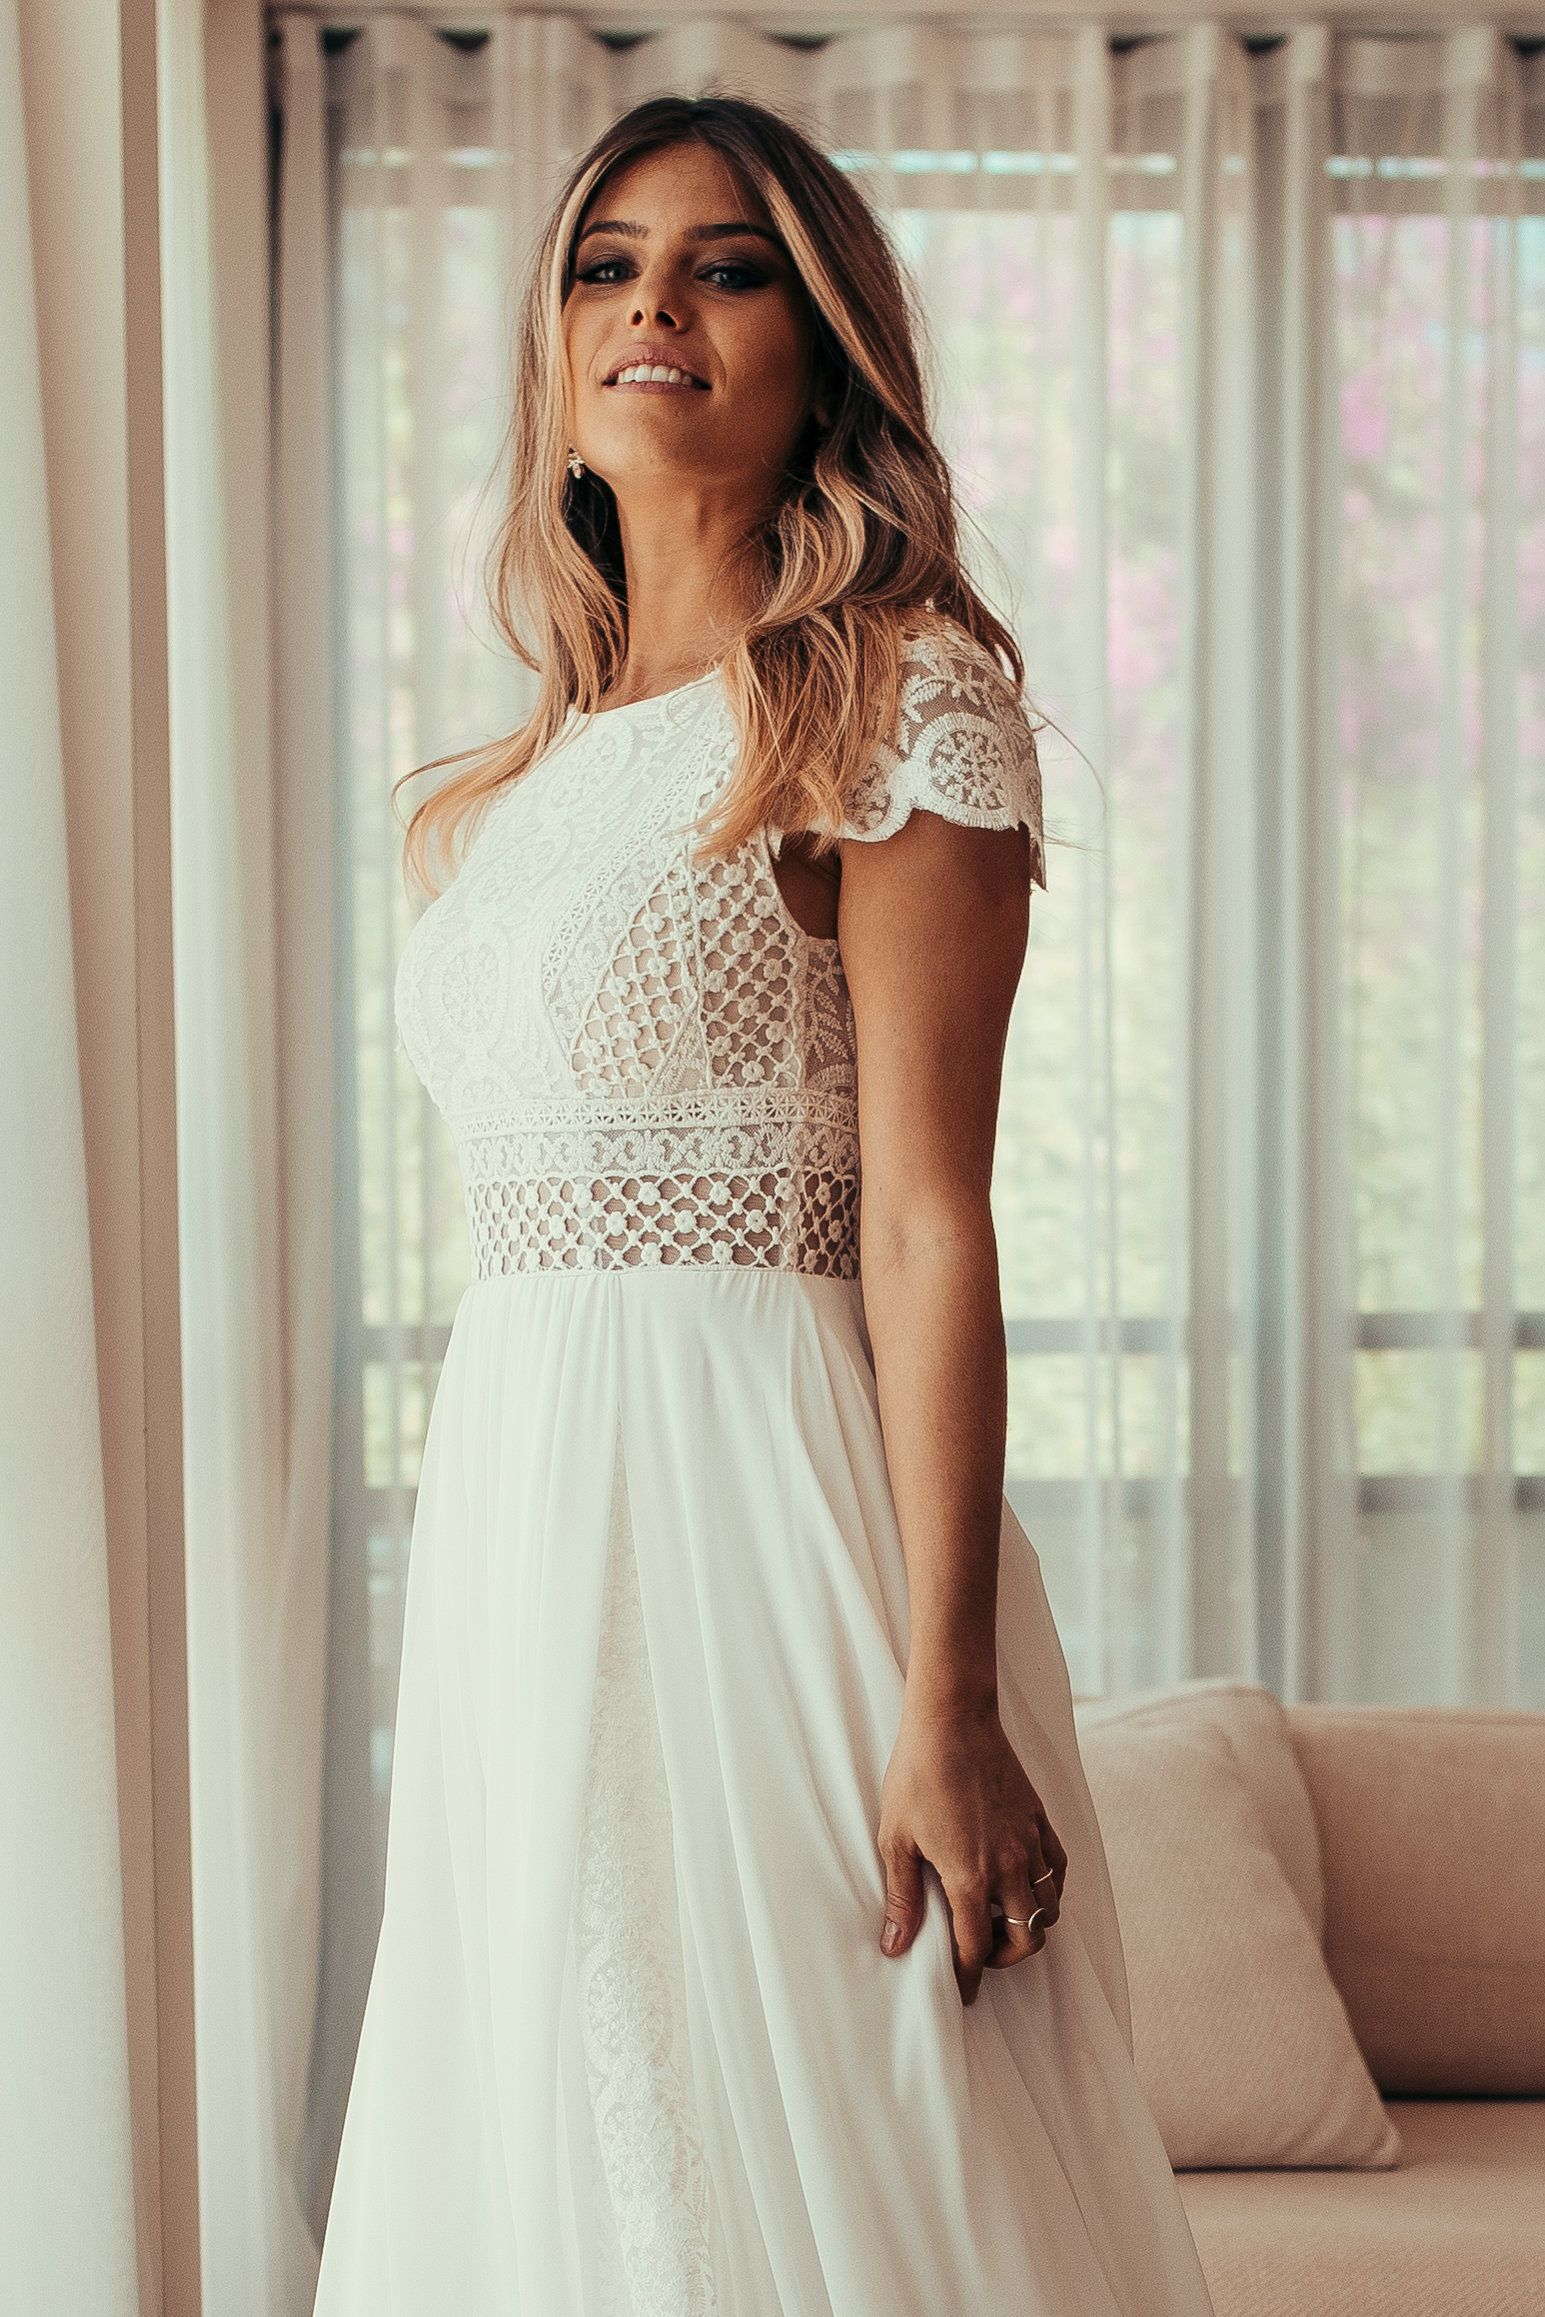 Kurzarm Damen Kleid, Vintage, Elfenbein, inspirierende BOHO, Boot Ausschnitt, häkeln, Chiffon, geometrische Spitze, Strand Hochzeit, KALA #hochzeitskleiderhäkeln